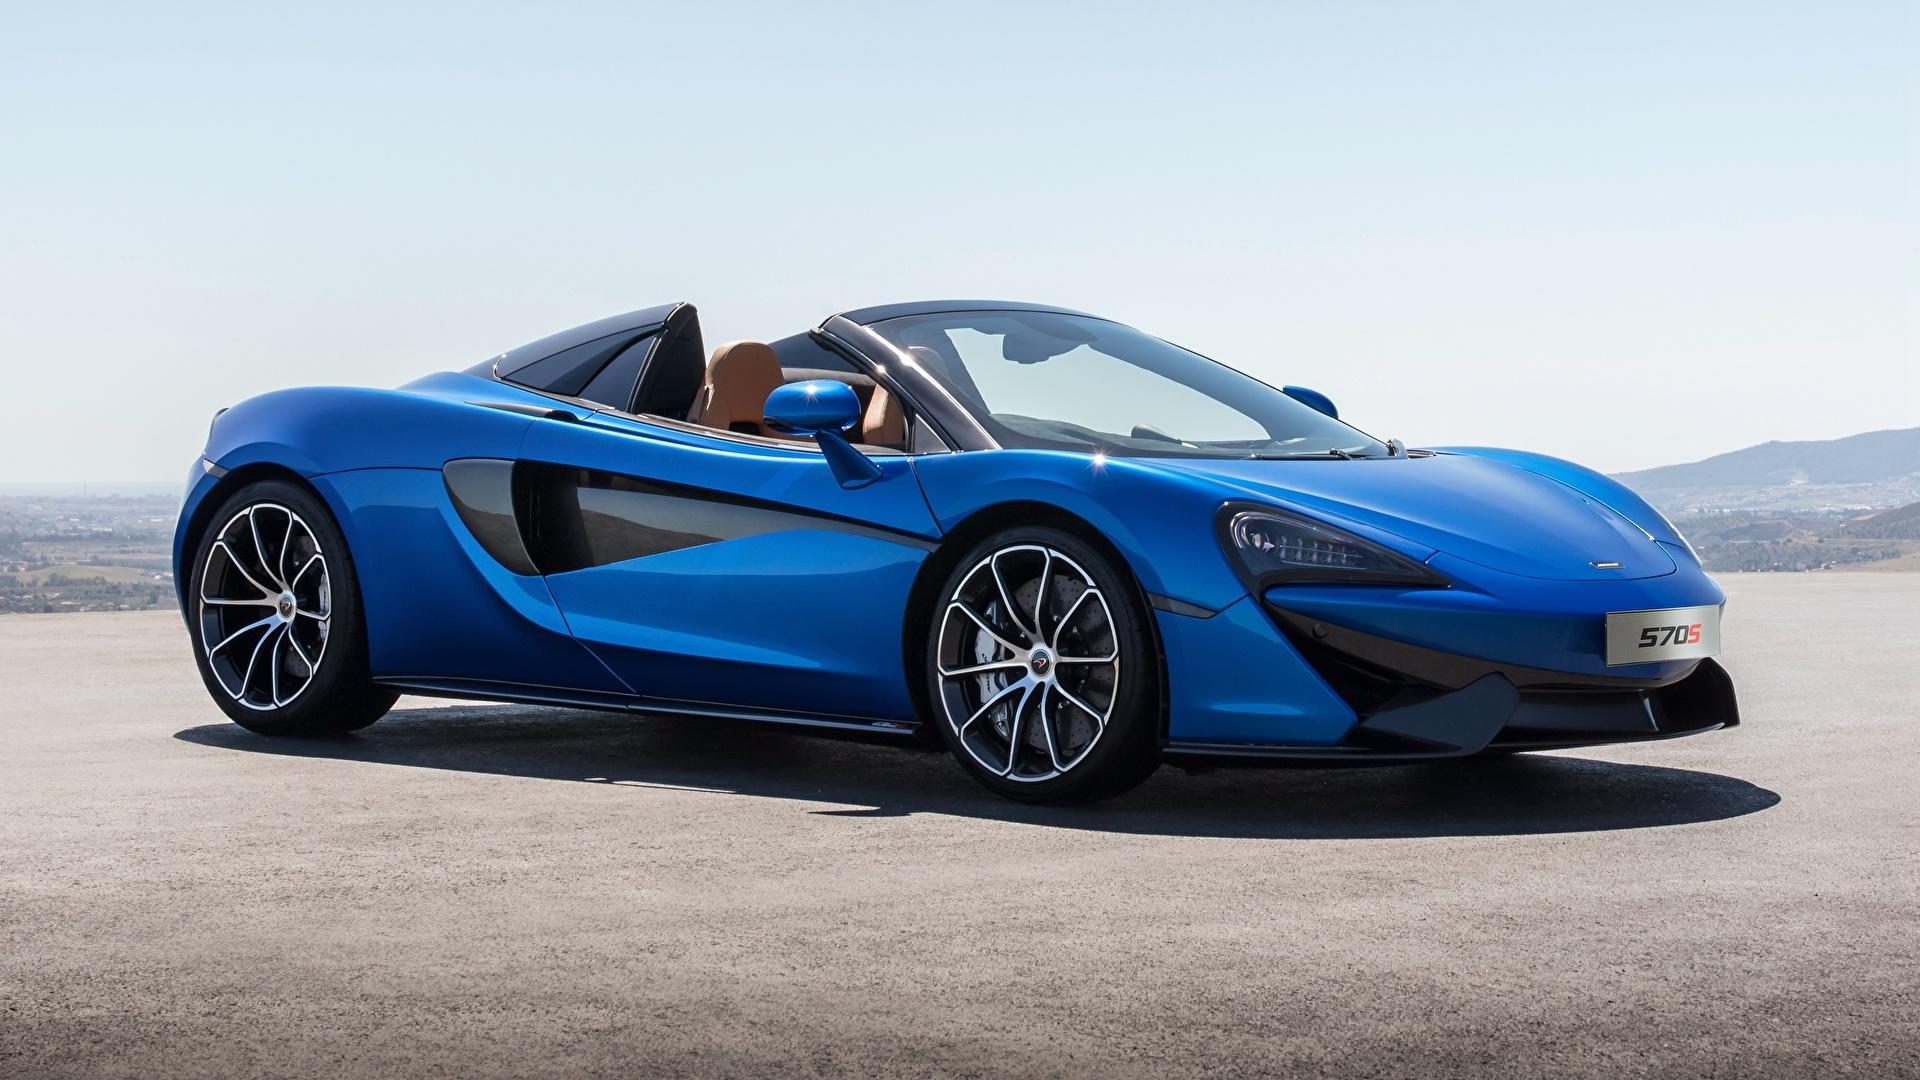 Картинки McLaren 2017 570S Spider Worldwide Родстер синие Автомобили 1920x1080 Макларен синих Синий синяя авто машина машины автомобиль